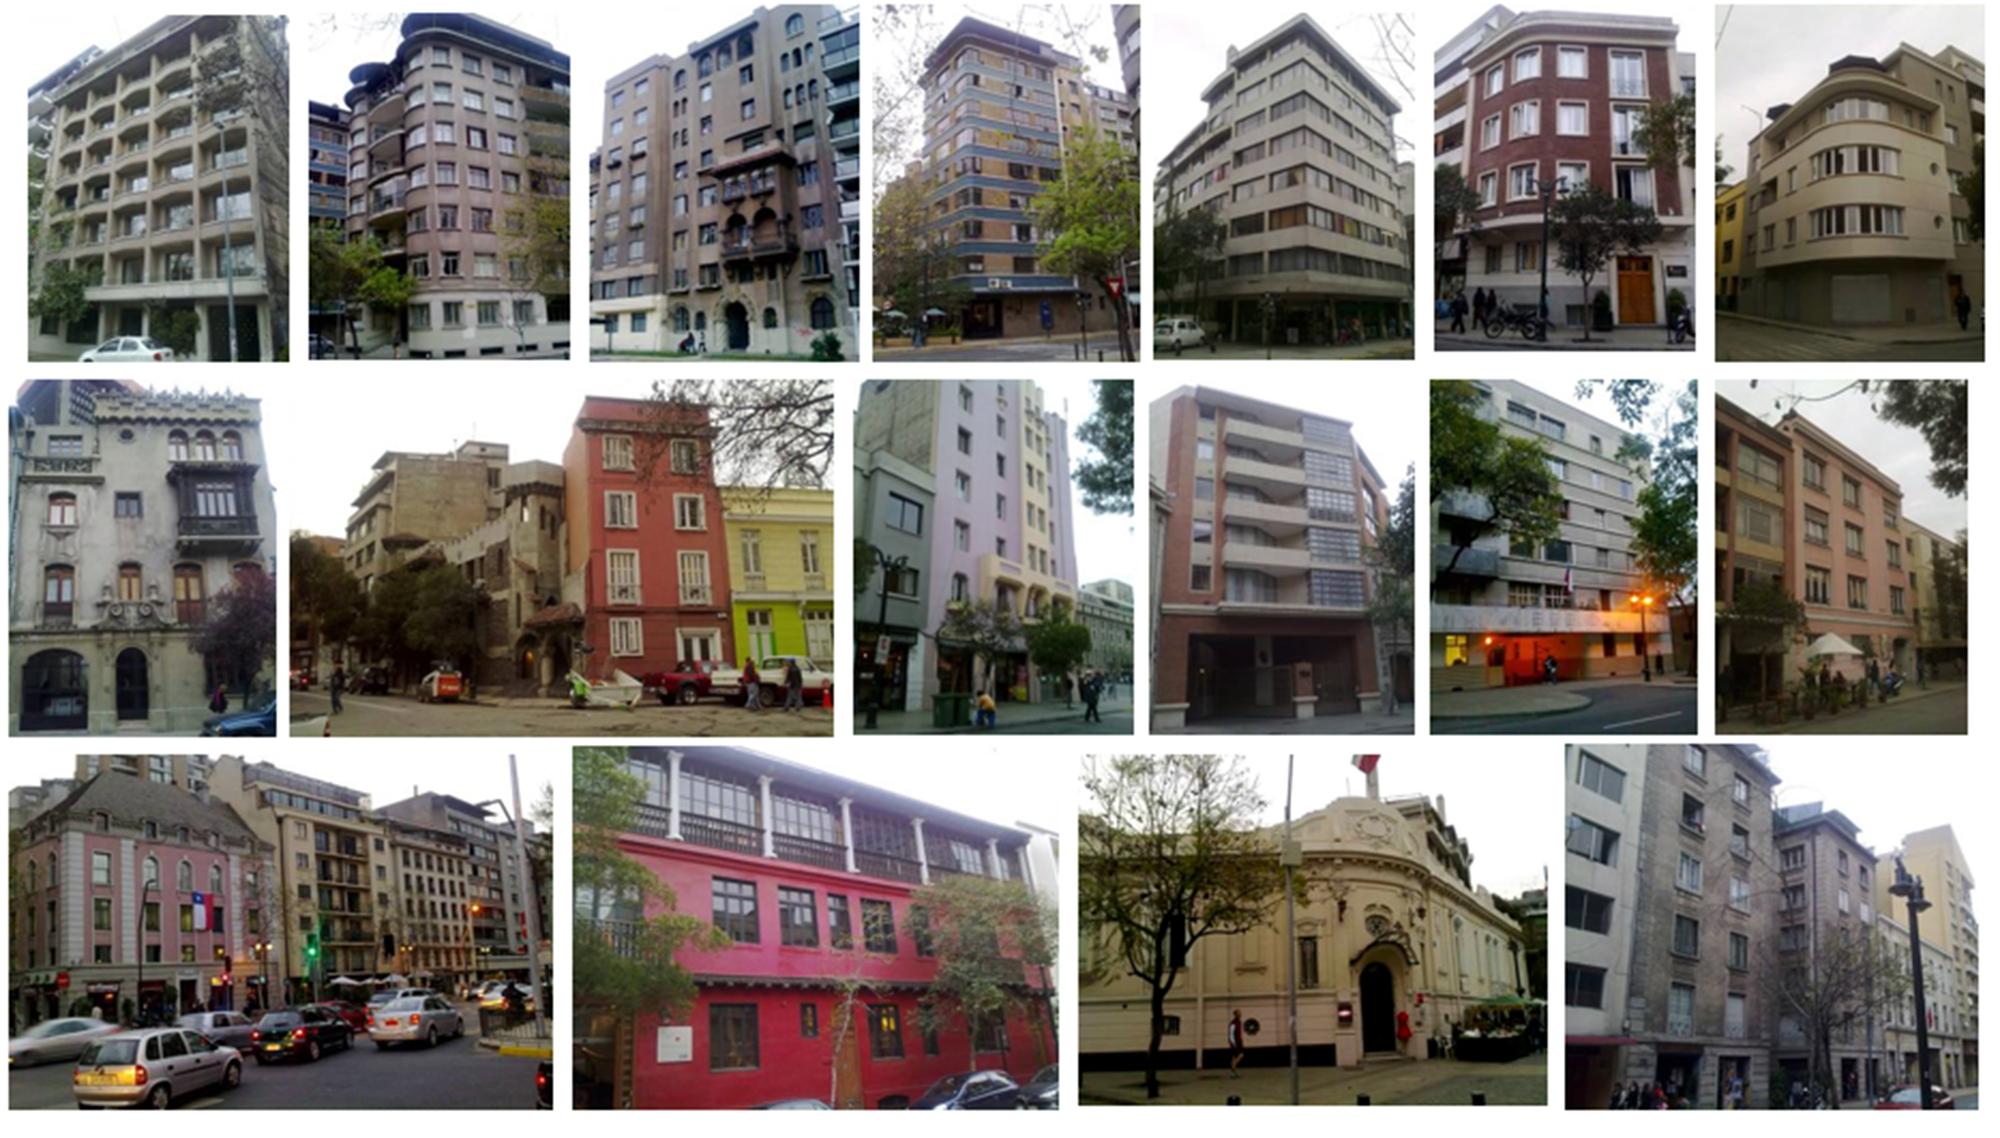 Galer a de hotel cumbres lastarria re arquitectos 30 - Arquitectos madrid 2 0 ...